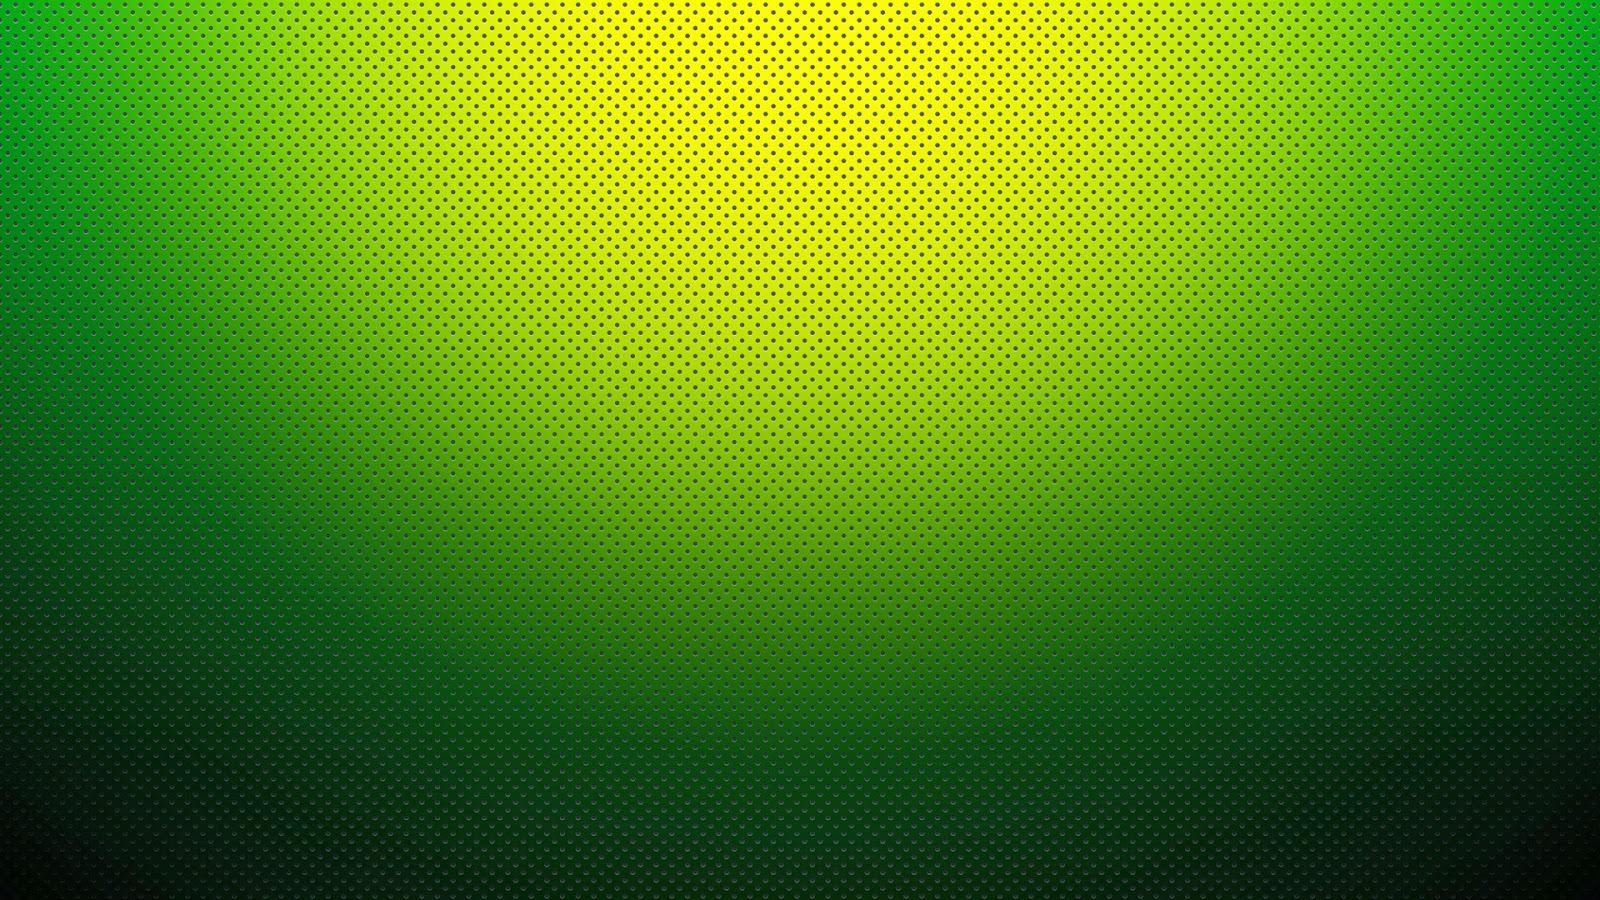 yellow gradient design pattern background images photoshop PSDjpg 1600x900